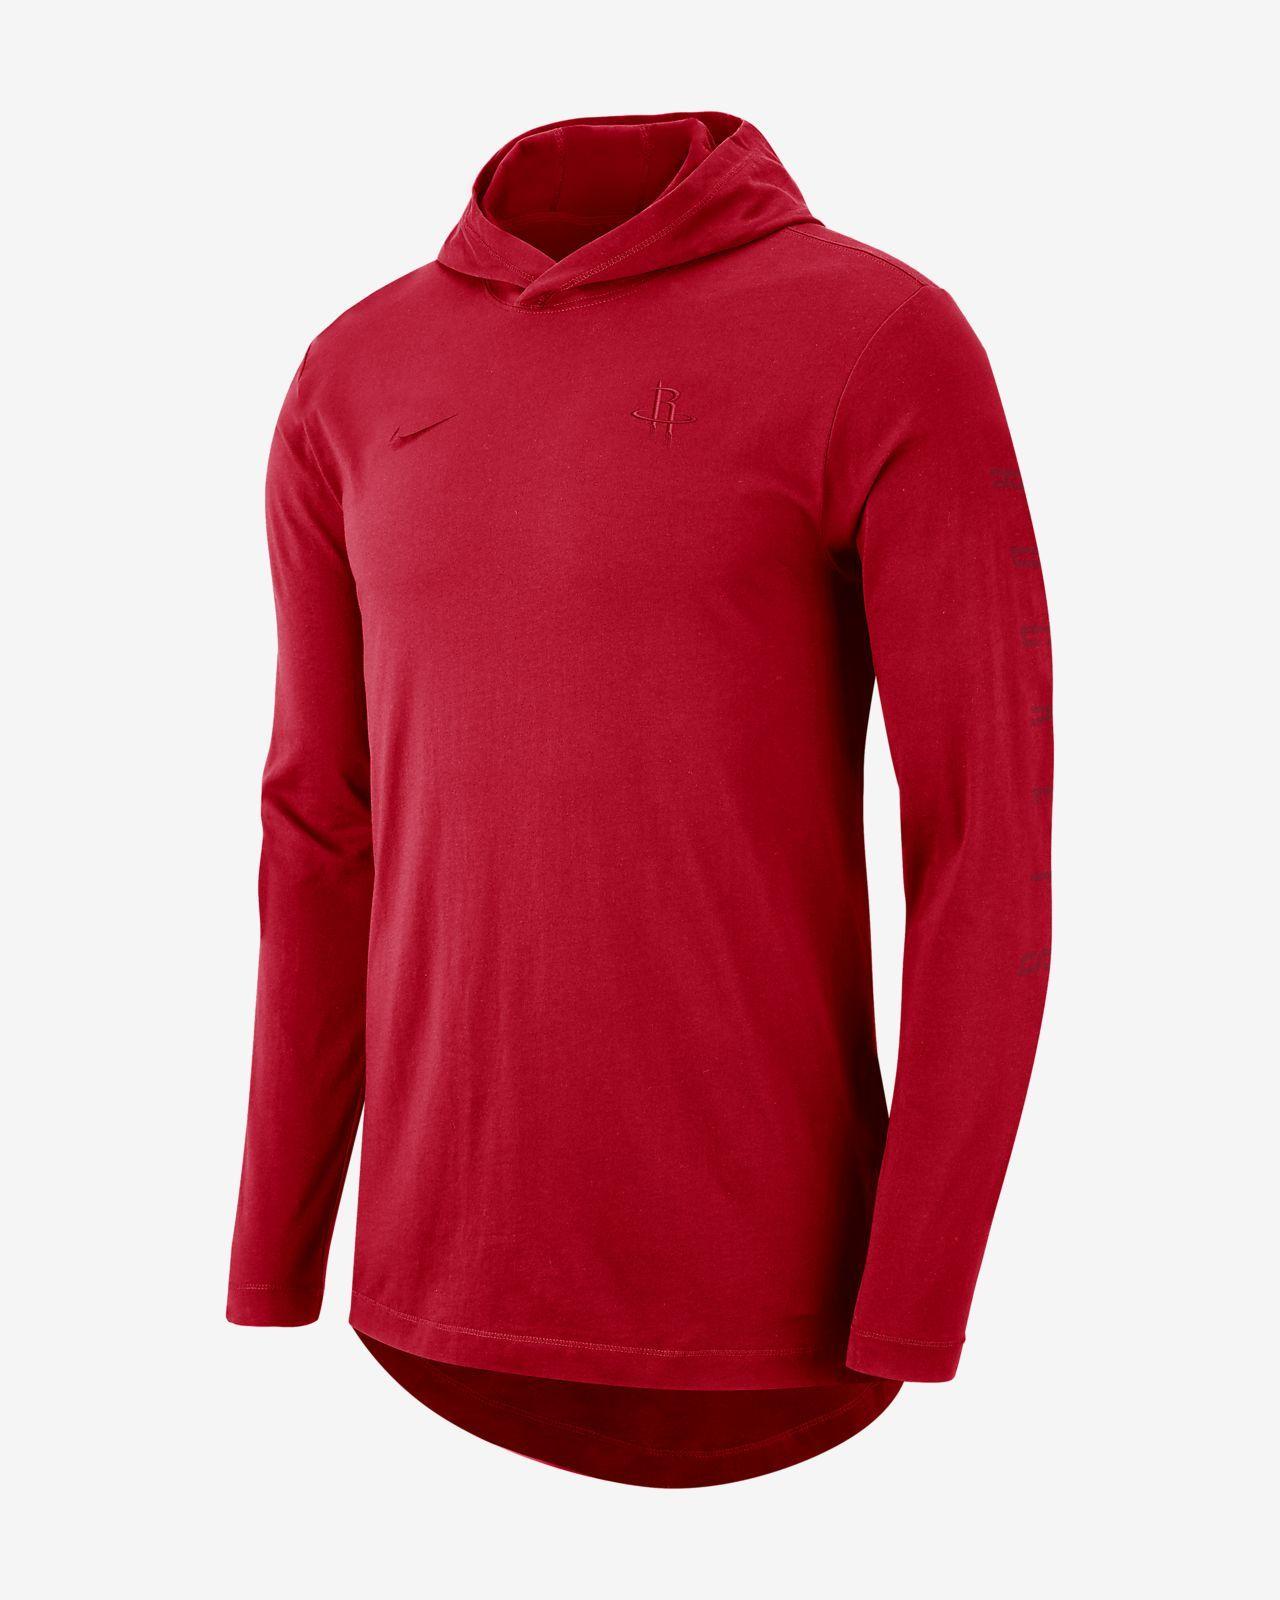 d4899cbd Cheap Custom Shirts Houston | Saddha